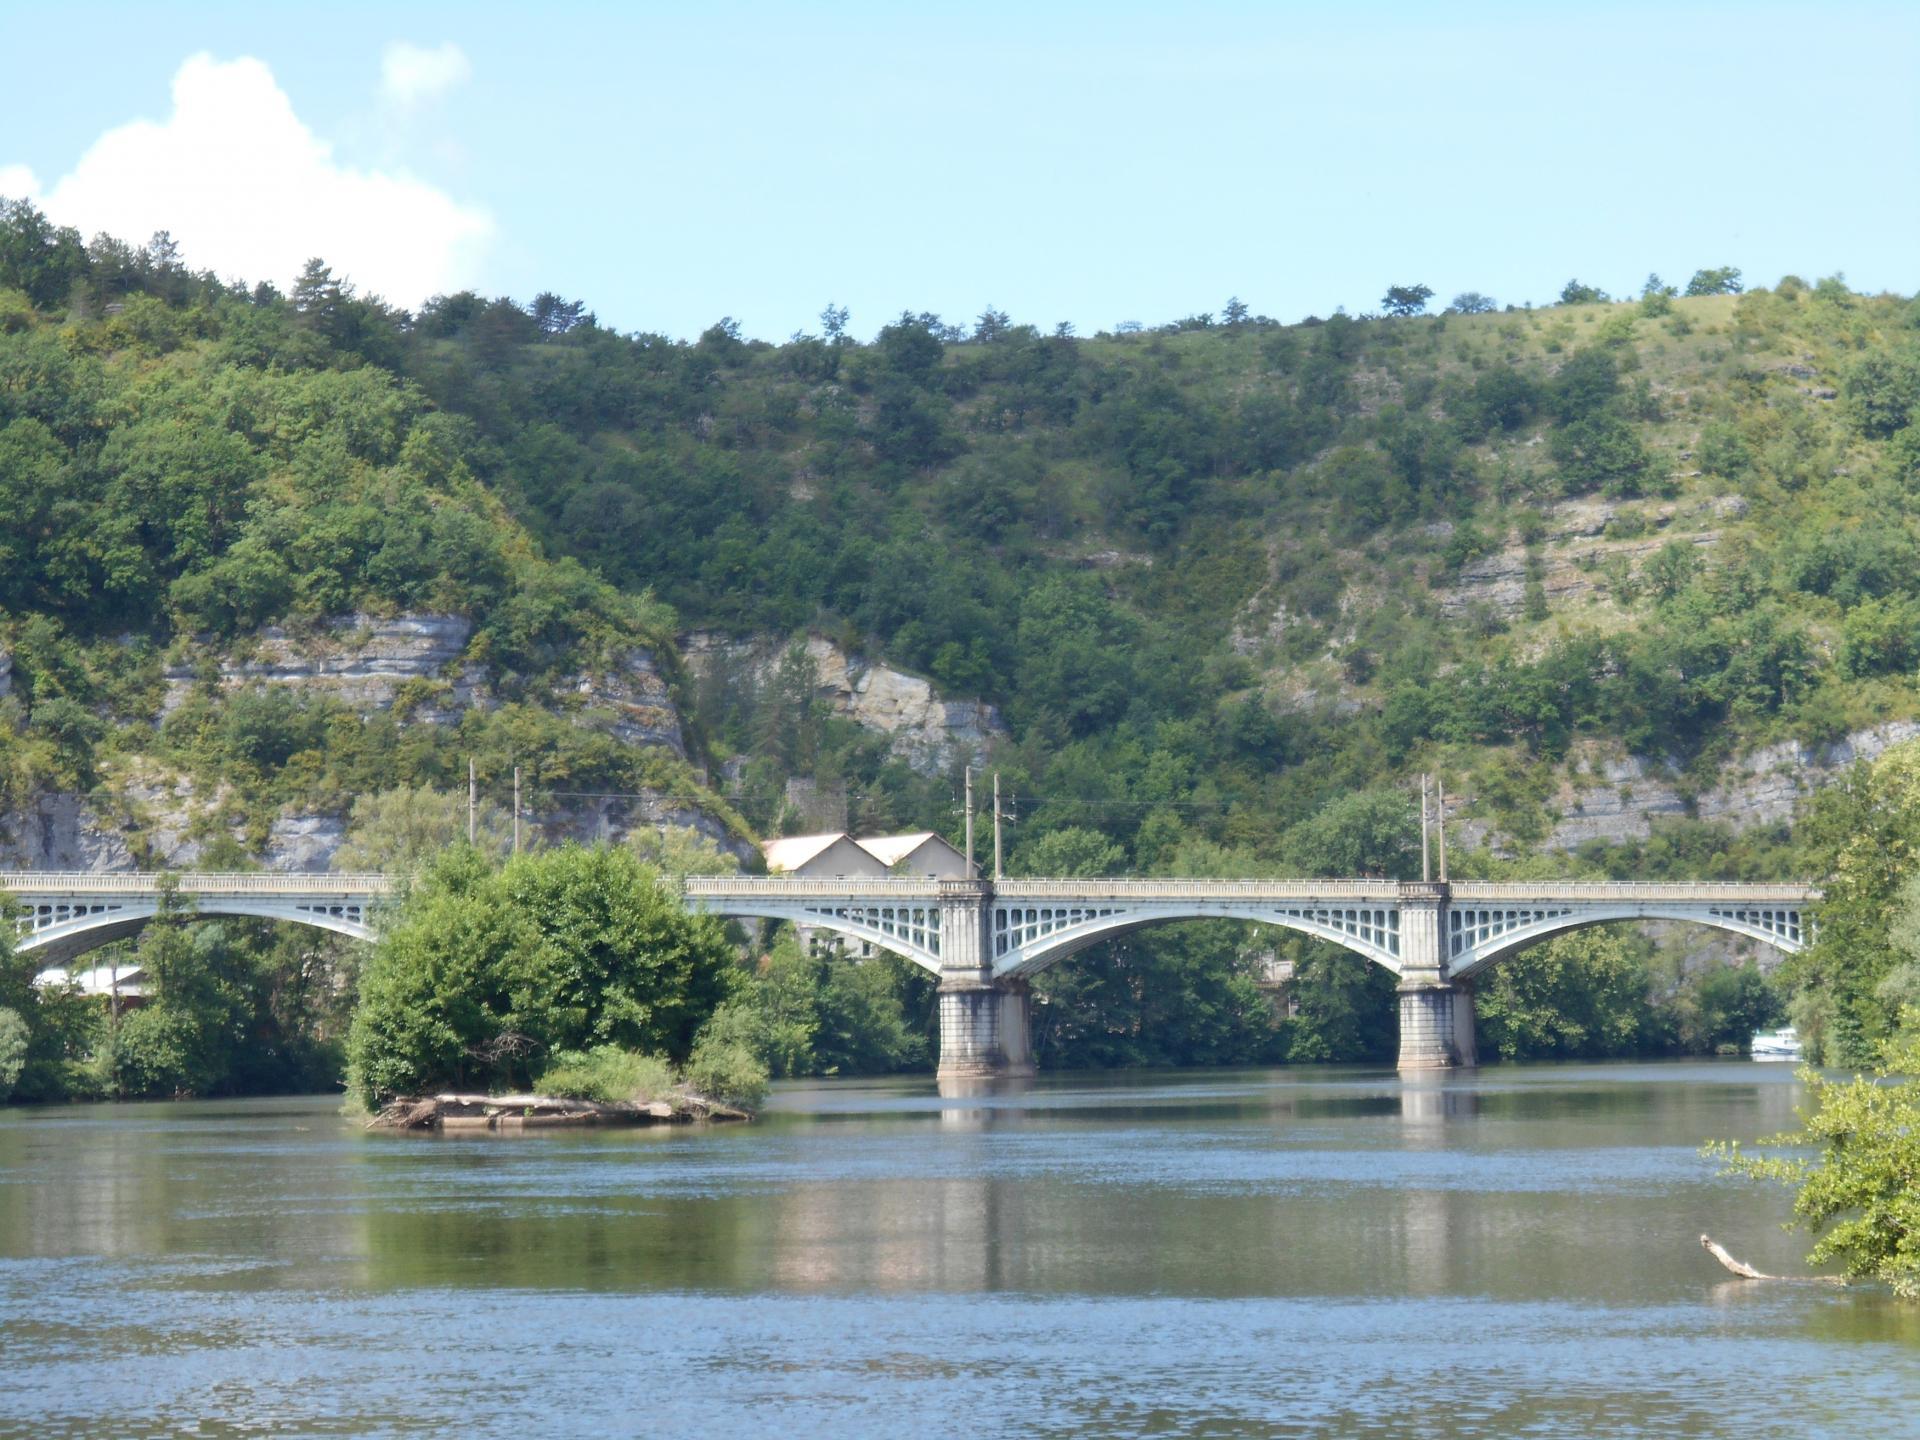 Juin 2017 - A la découverte de Cahors